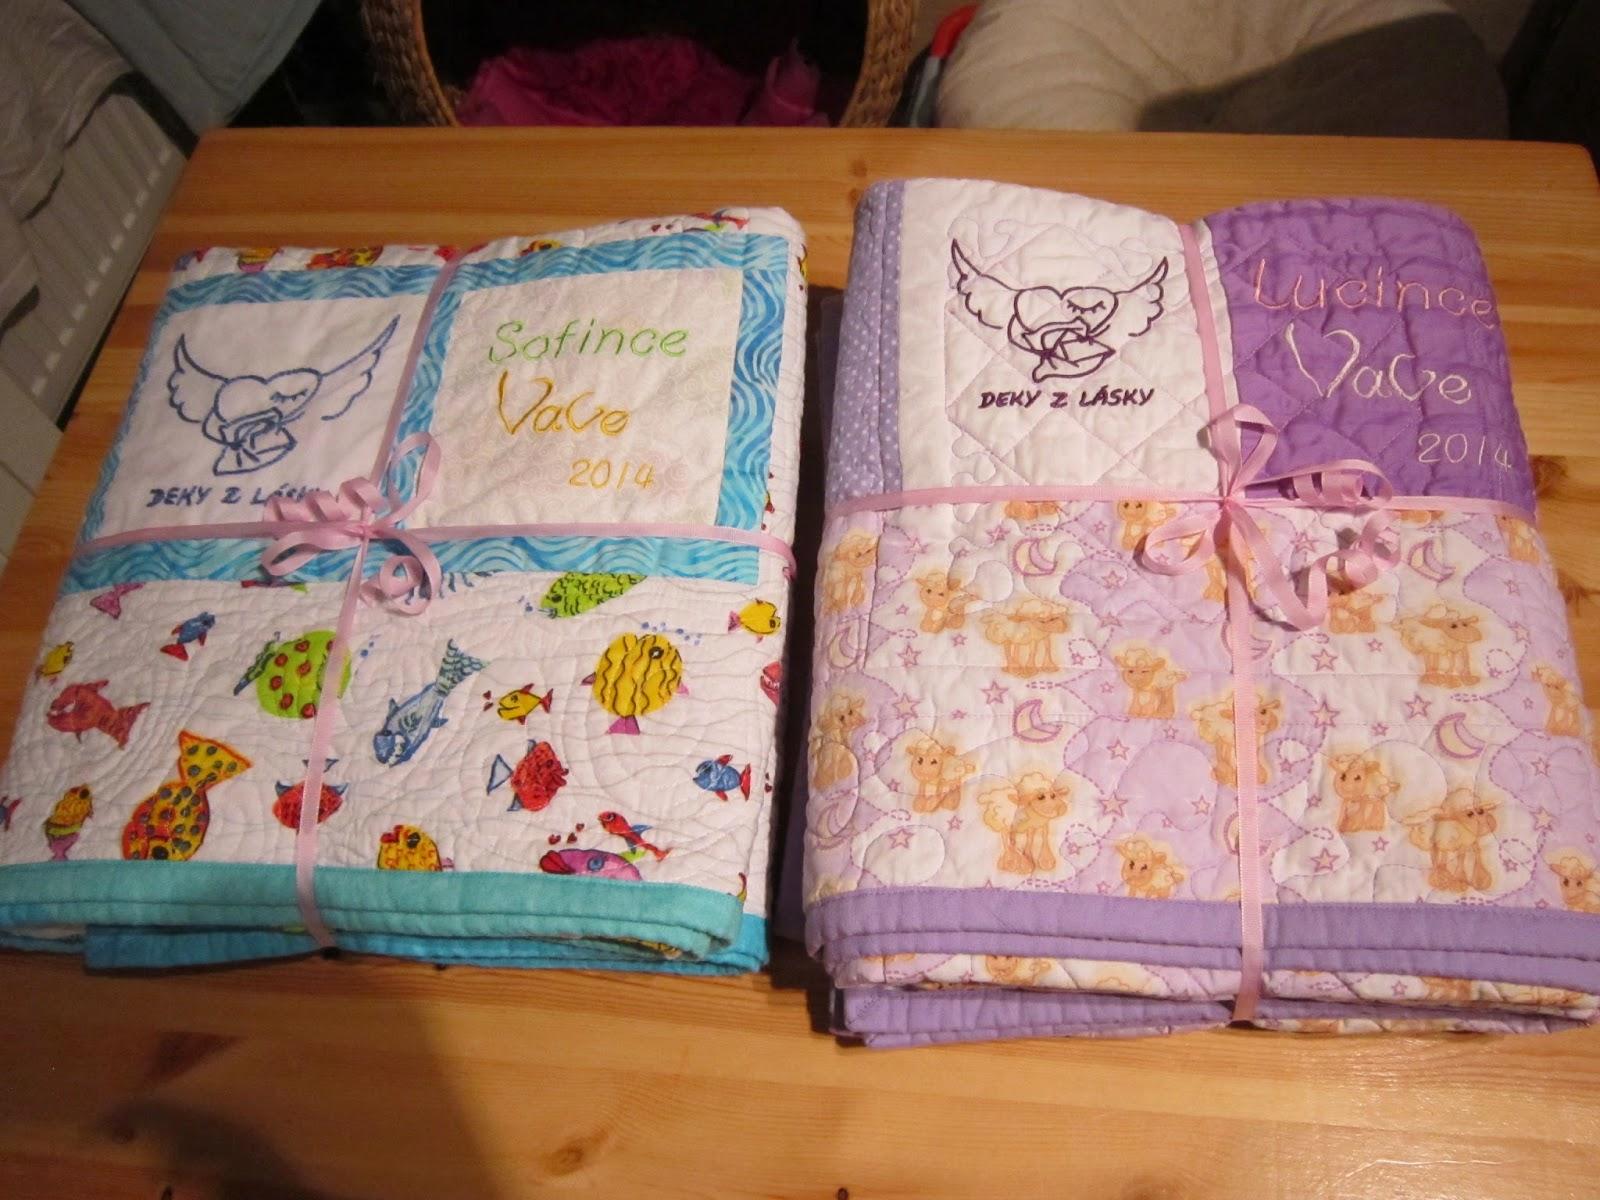 obě deky připravené k zabalení do obrázkového papíru